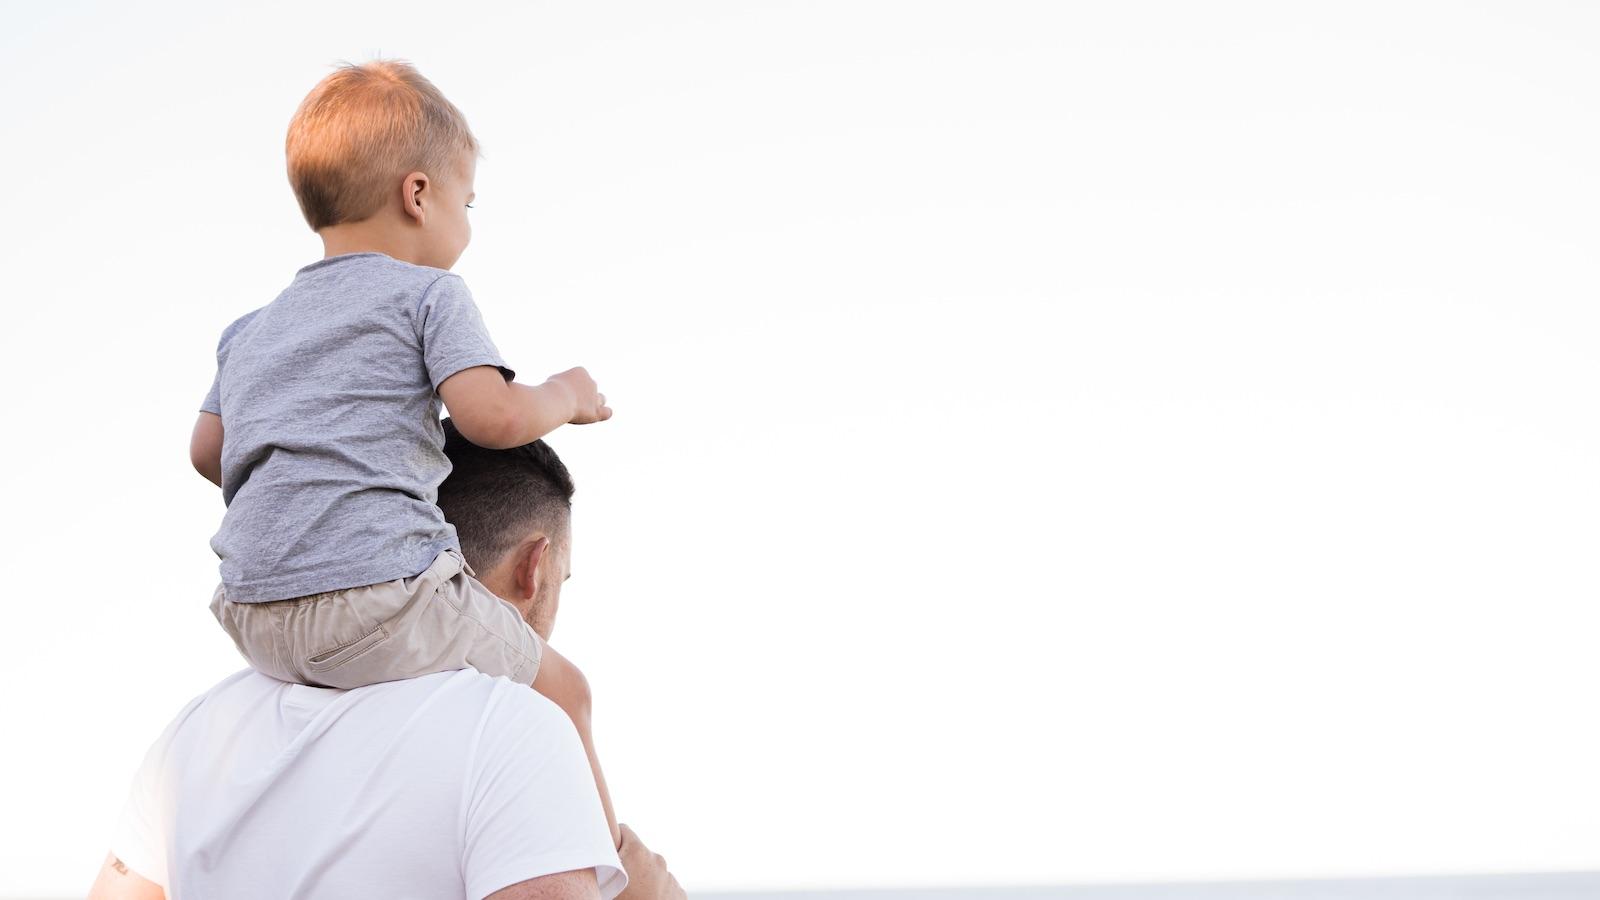 Vi villeder ikke om foreldreveiledning